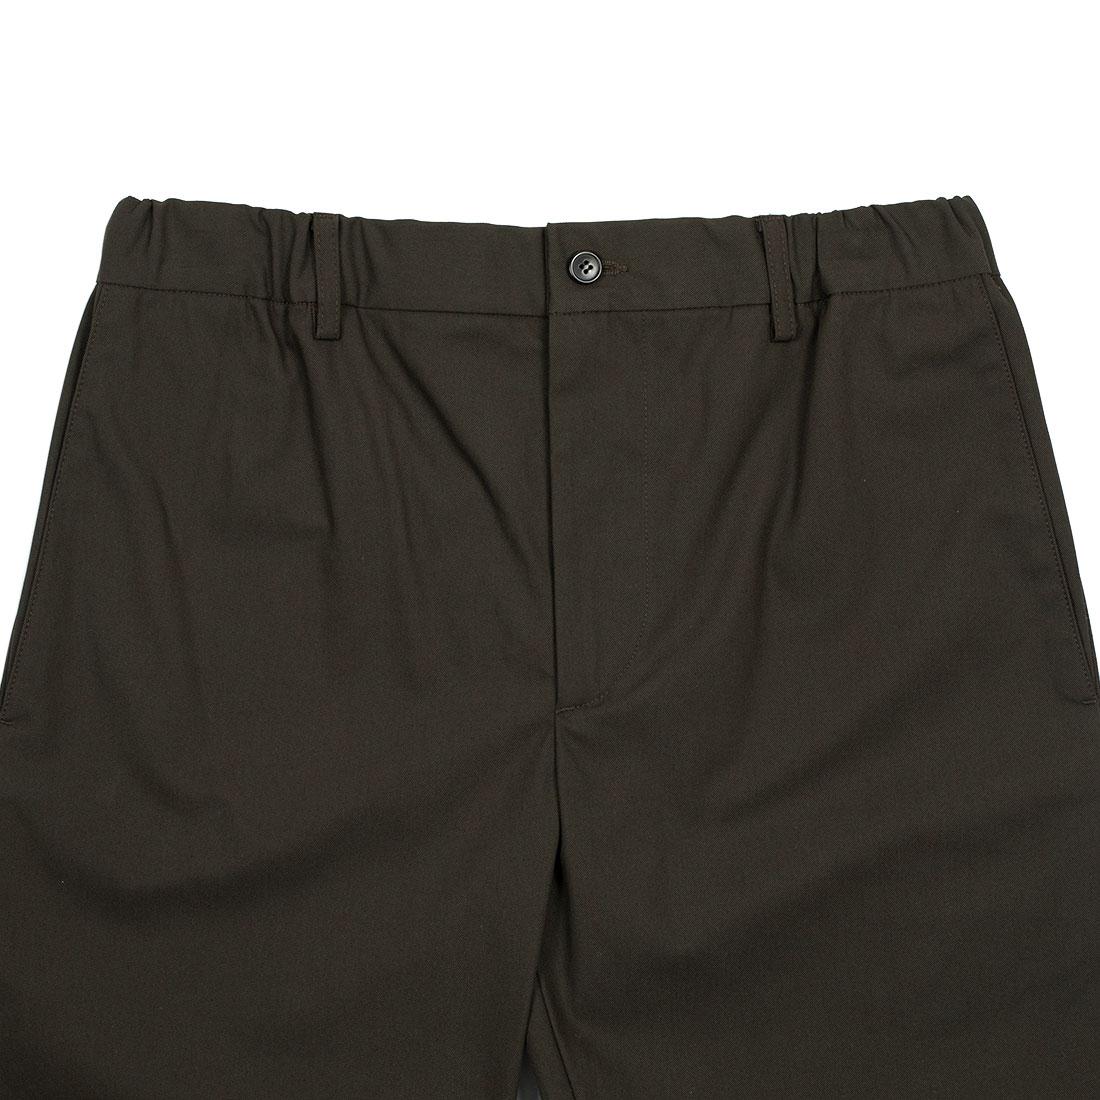 Stephan Schneider Spring Summer 2021 SS21 cotton nylon easy pants (5).jpg